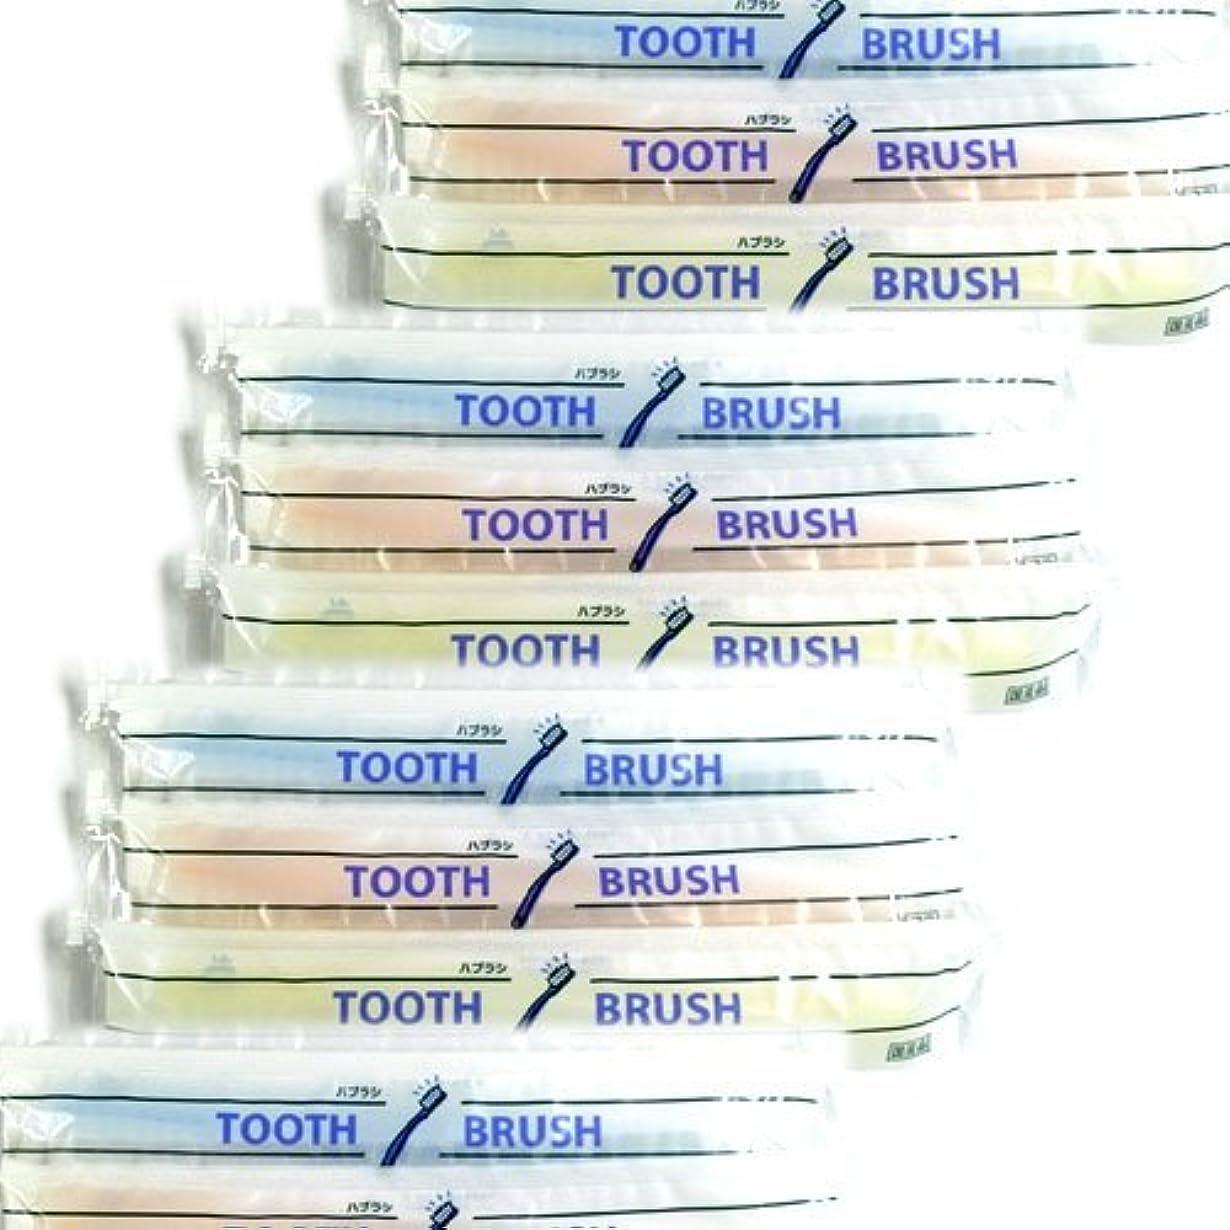 取得するポイント劇場ホテルアメニティ 業務用 使い捨て(インスタント) 粉付き歯ブラシ × 30個セット